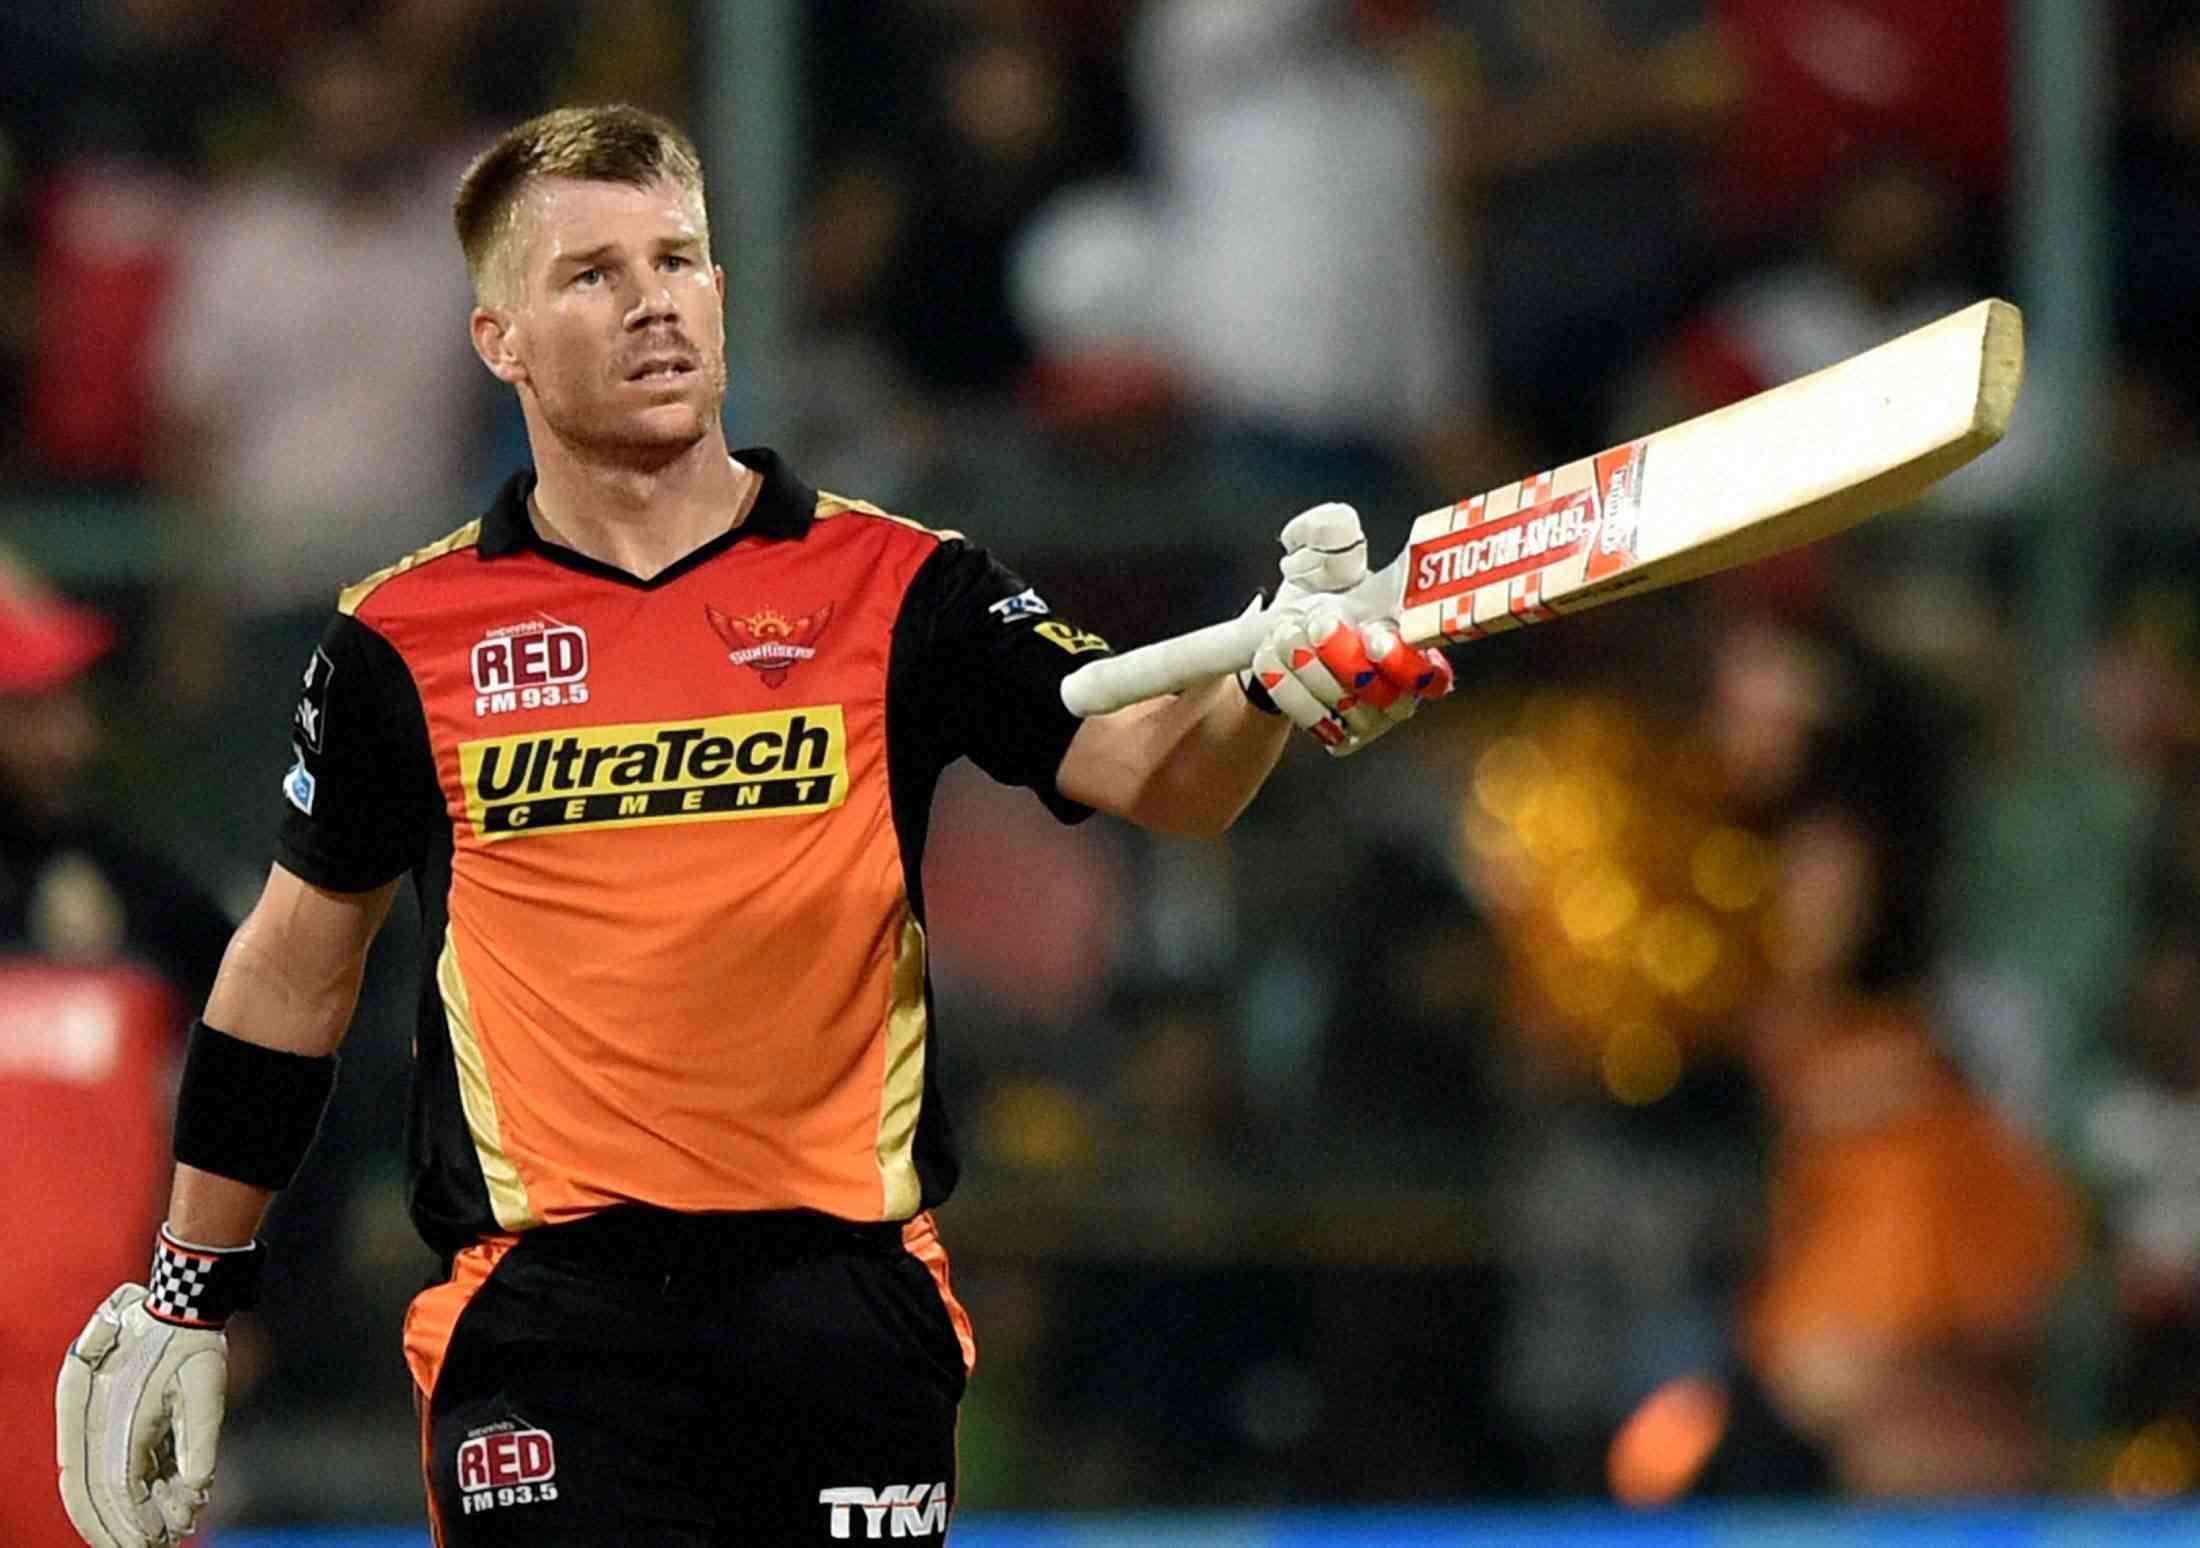 ग्लोबल टी-20 लीग में अर्द्धशतकीय पारी खेलने के बाद भावुक हुए वार्नर ने हैदराबाद के लिए कही ये बात 24